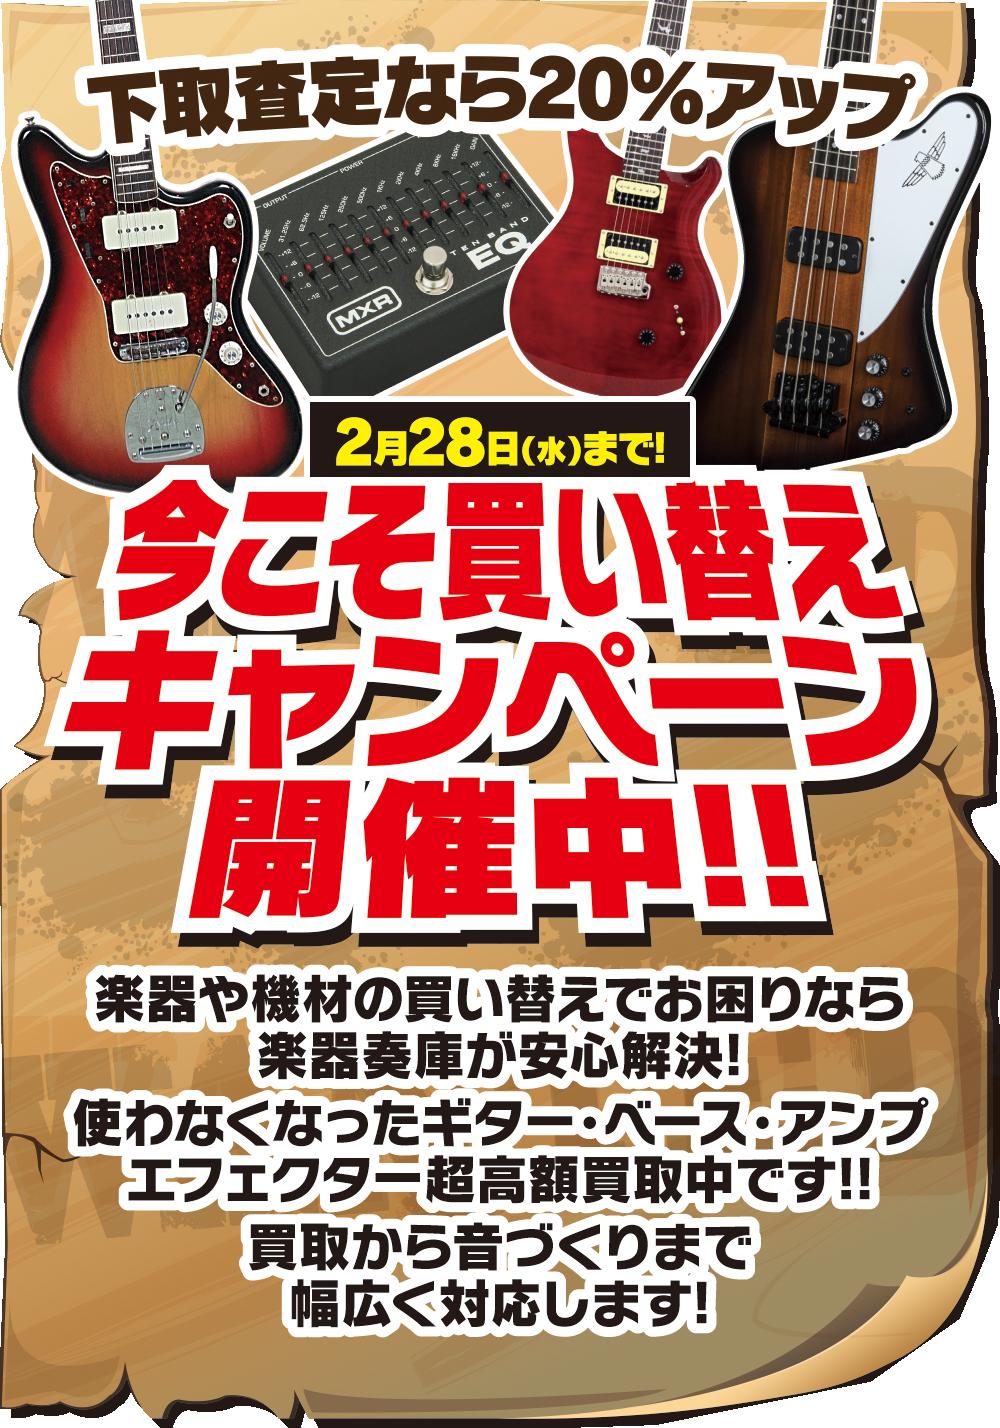 楽器売りたい方必見!2/28まで下取で得する買い替えキャンペーン開催中!